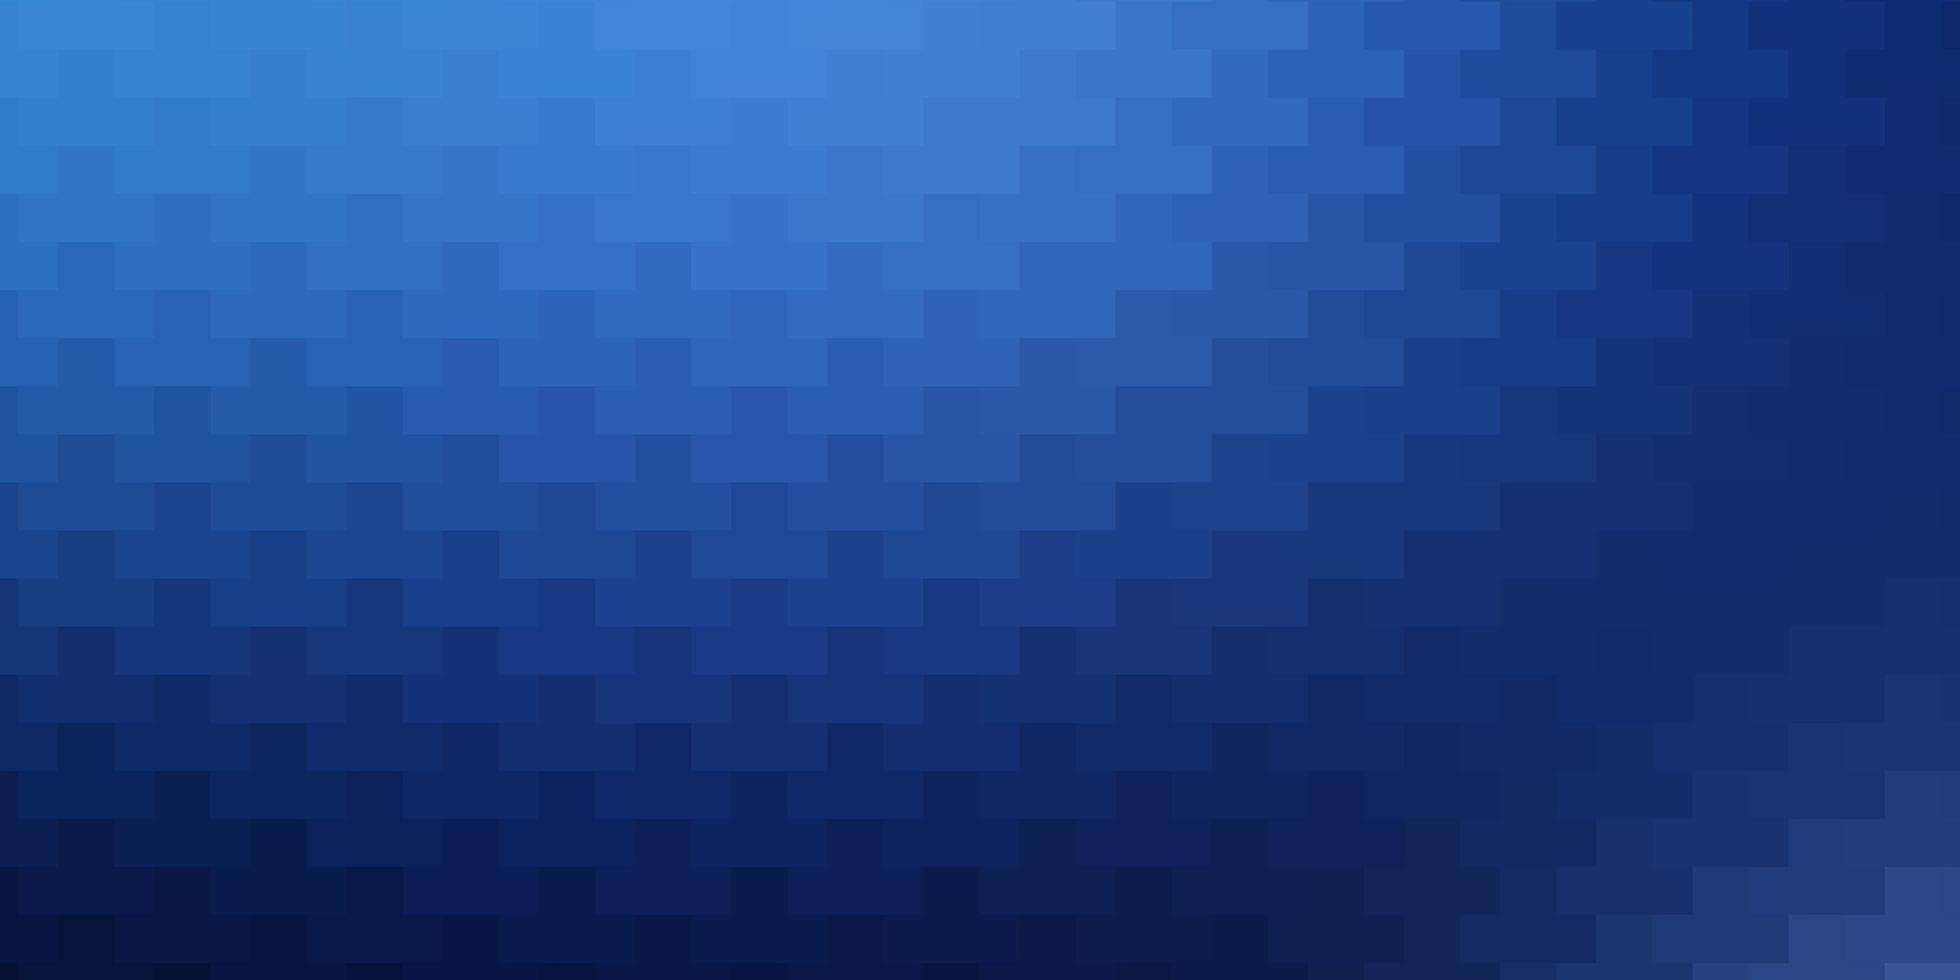 textura vector azul escuro em estilo retangular.